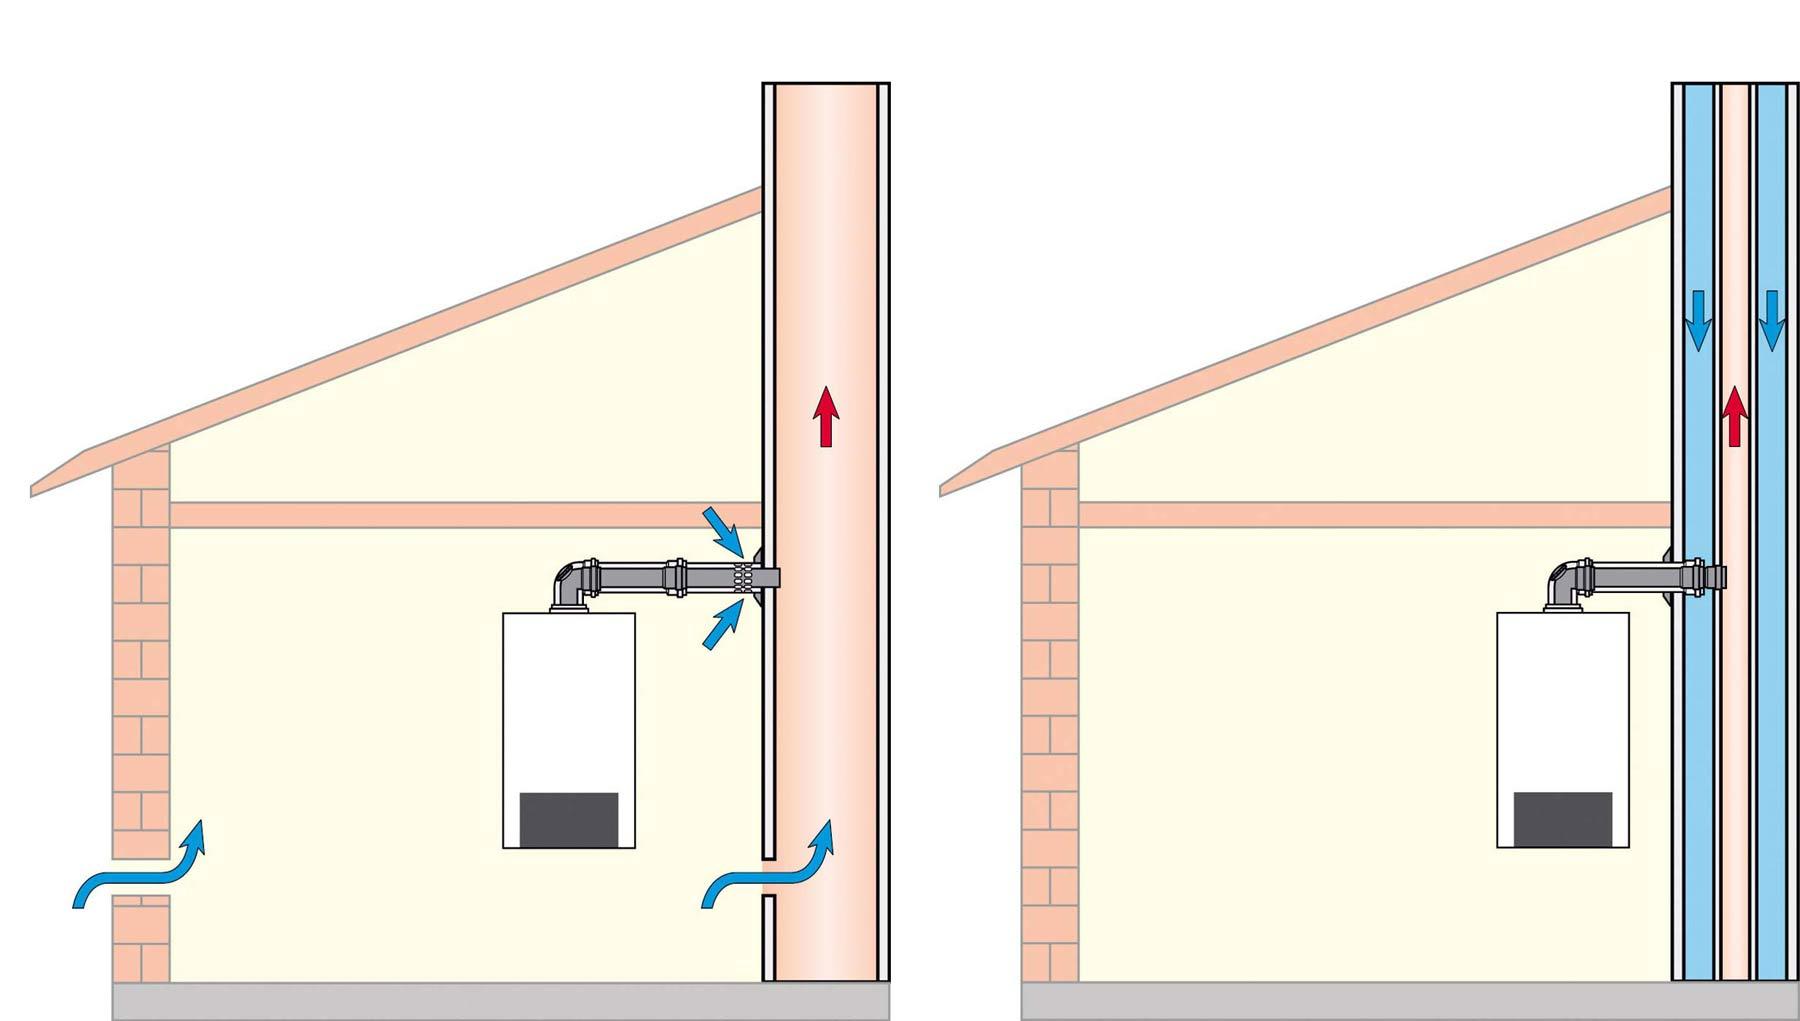 Obr. 5 a) Jednoduchý komín s jedním průduchem neumožňuje přívod spalovacího vzduchu. Kotel je tehdy závislý na vzduchu z místnosti a ochlazuje místnost studeným vzduchem přiváděným zvenku. b) Další možností, jak neochlazovat místnost vnějším vzduchem, je připojit na kotel samostatné potrubí k nasávání vzduchu.